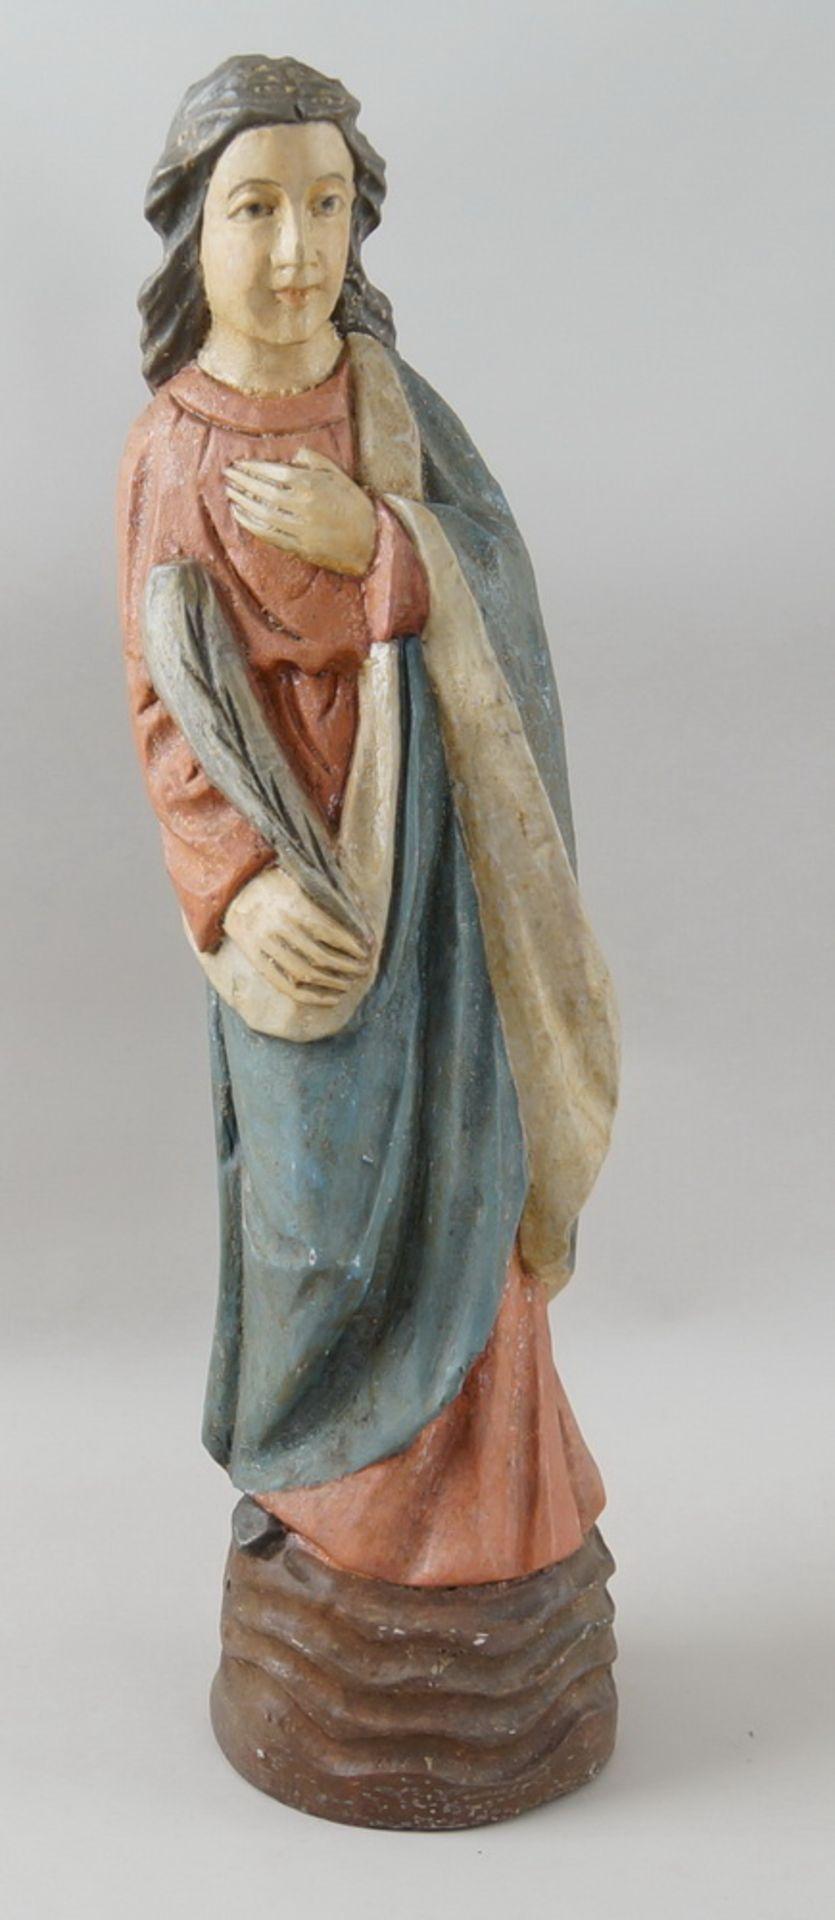 Los 12 - Heiligenskulptur mit Feder in der Hand, Holz geschnitzt und gefasst, H 60 cm